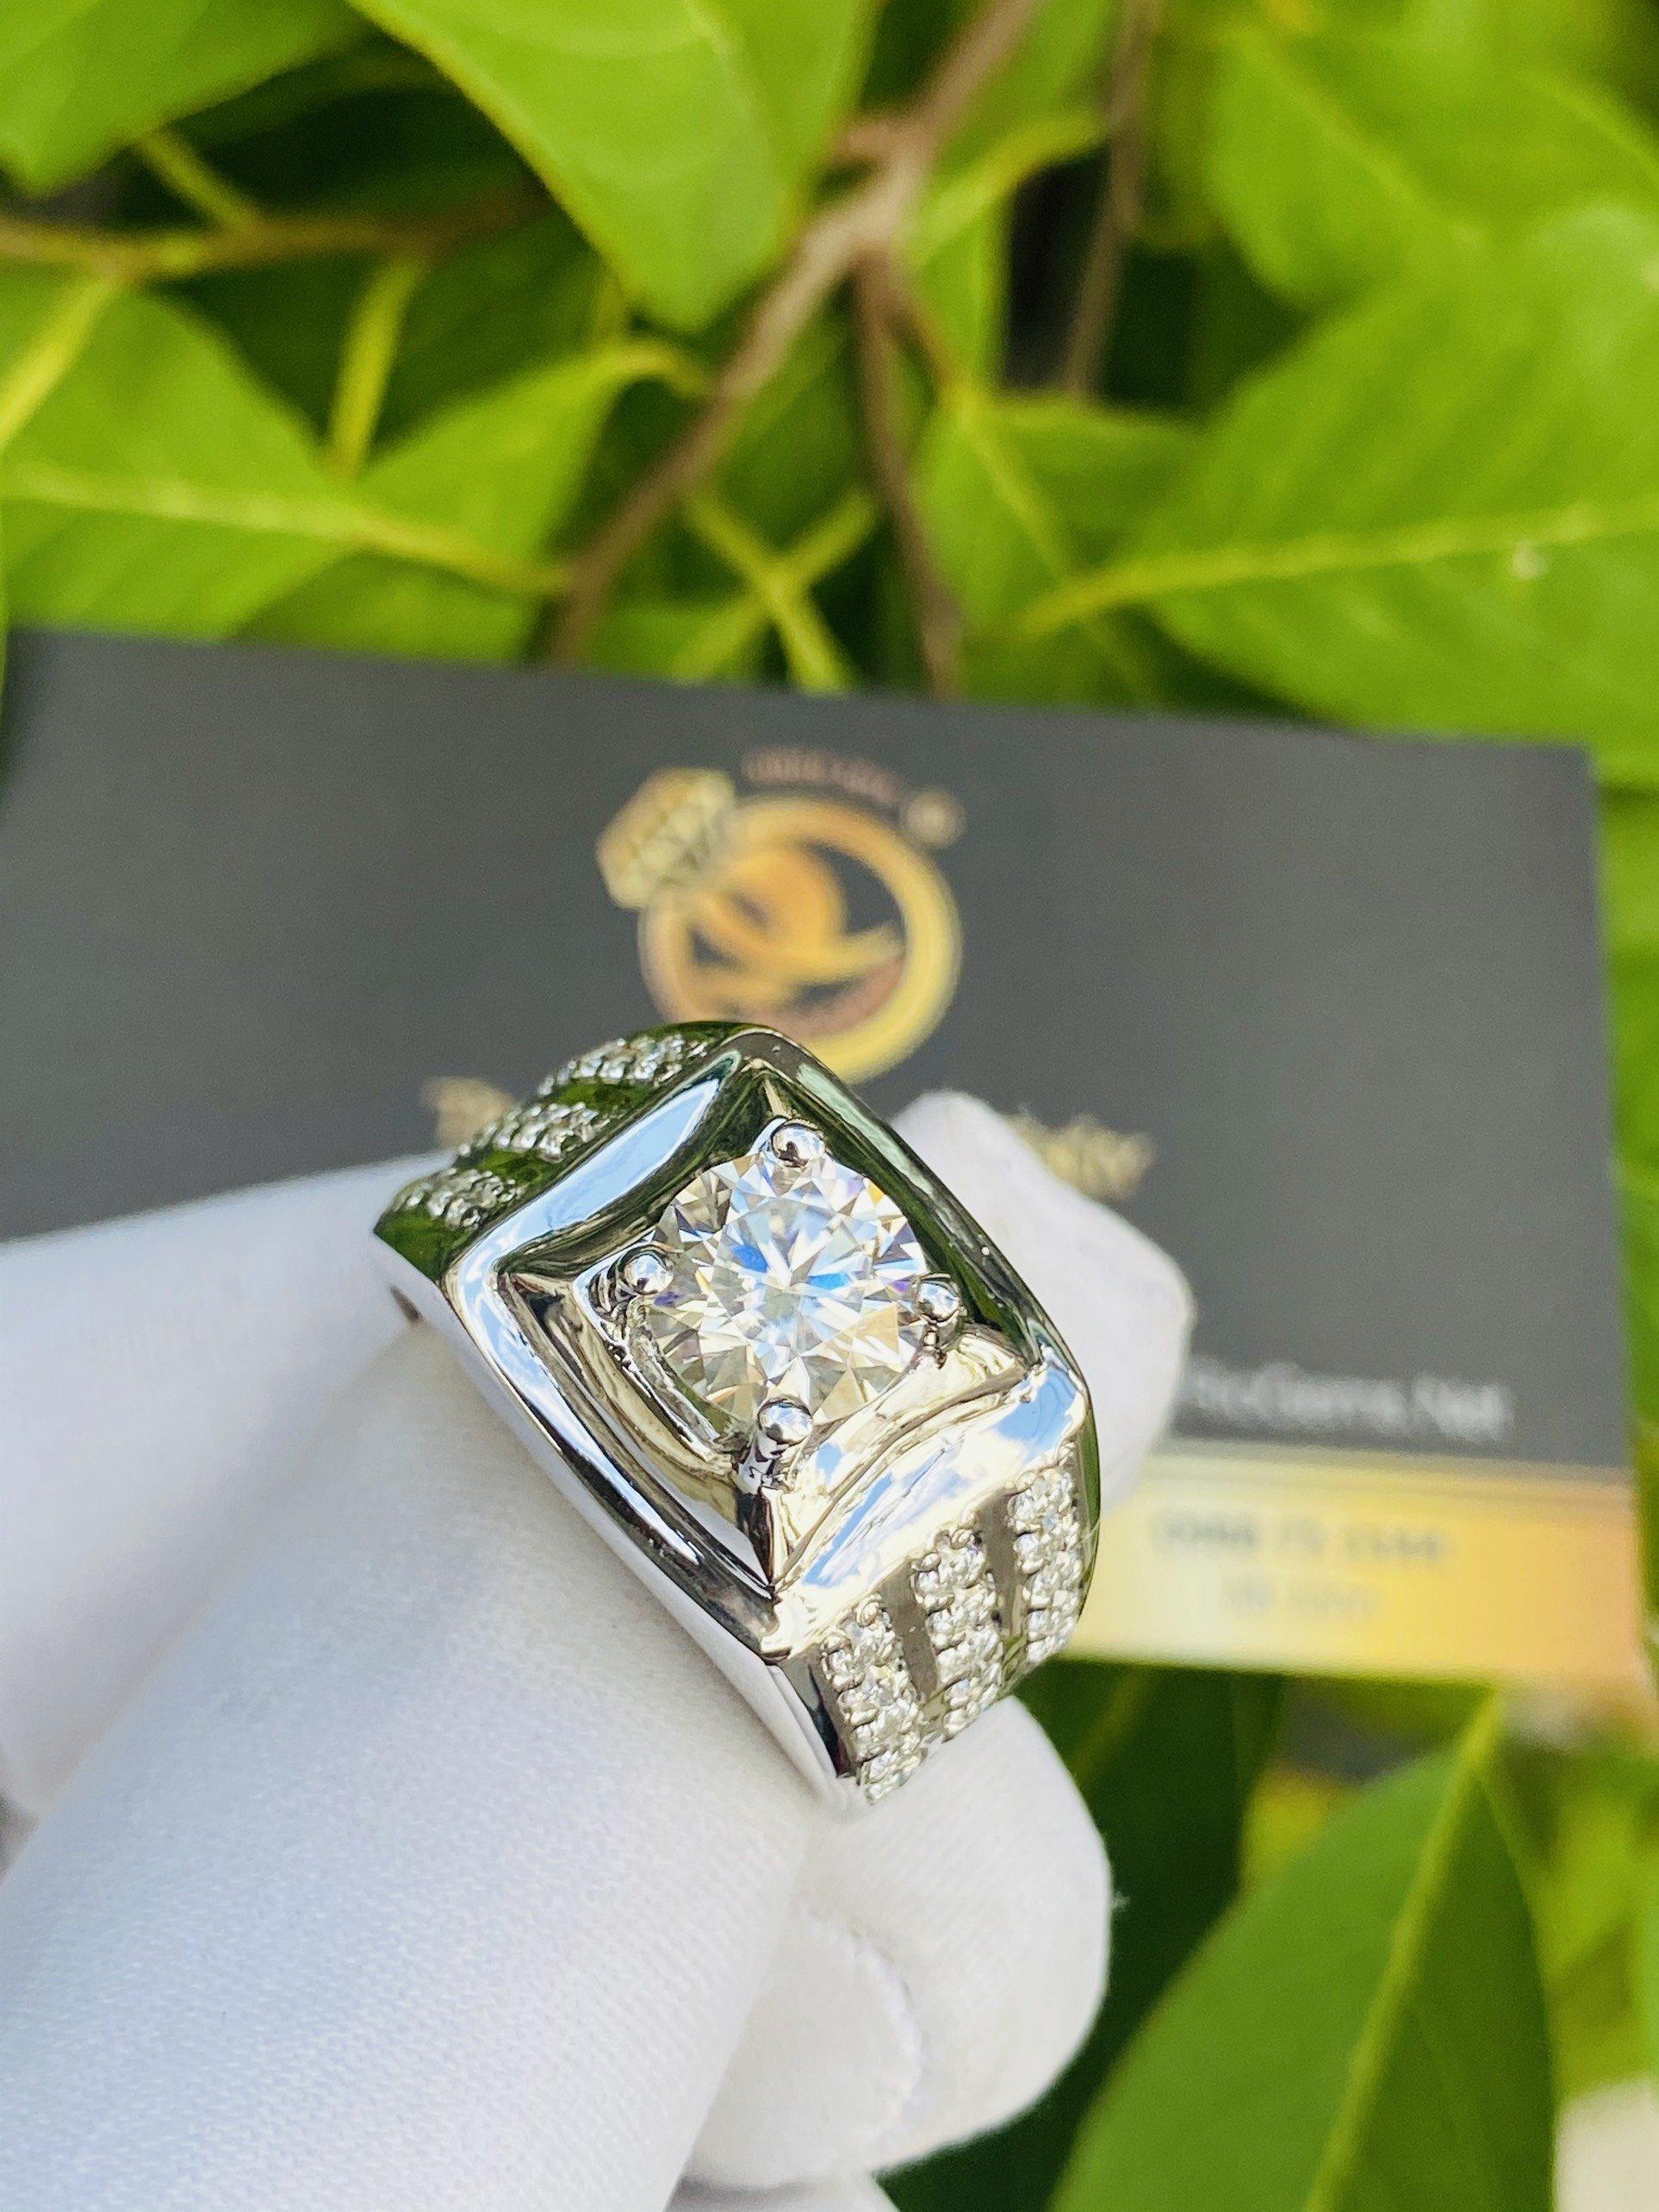 Nhẫn kim cương Moissanite được nhiều người săn lùng